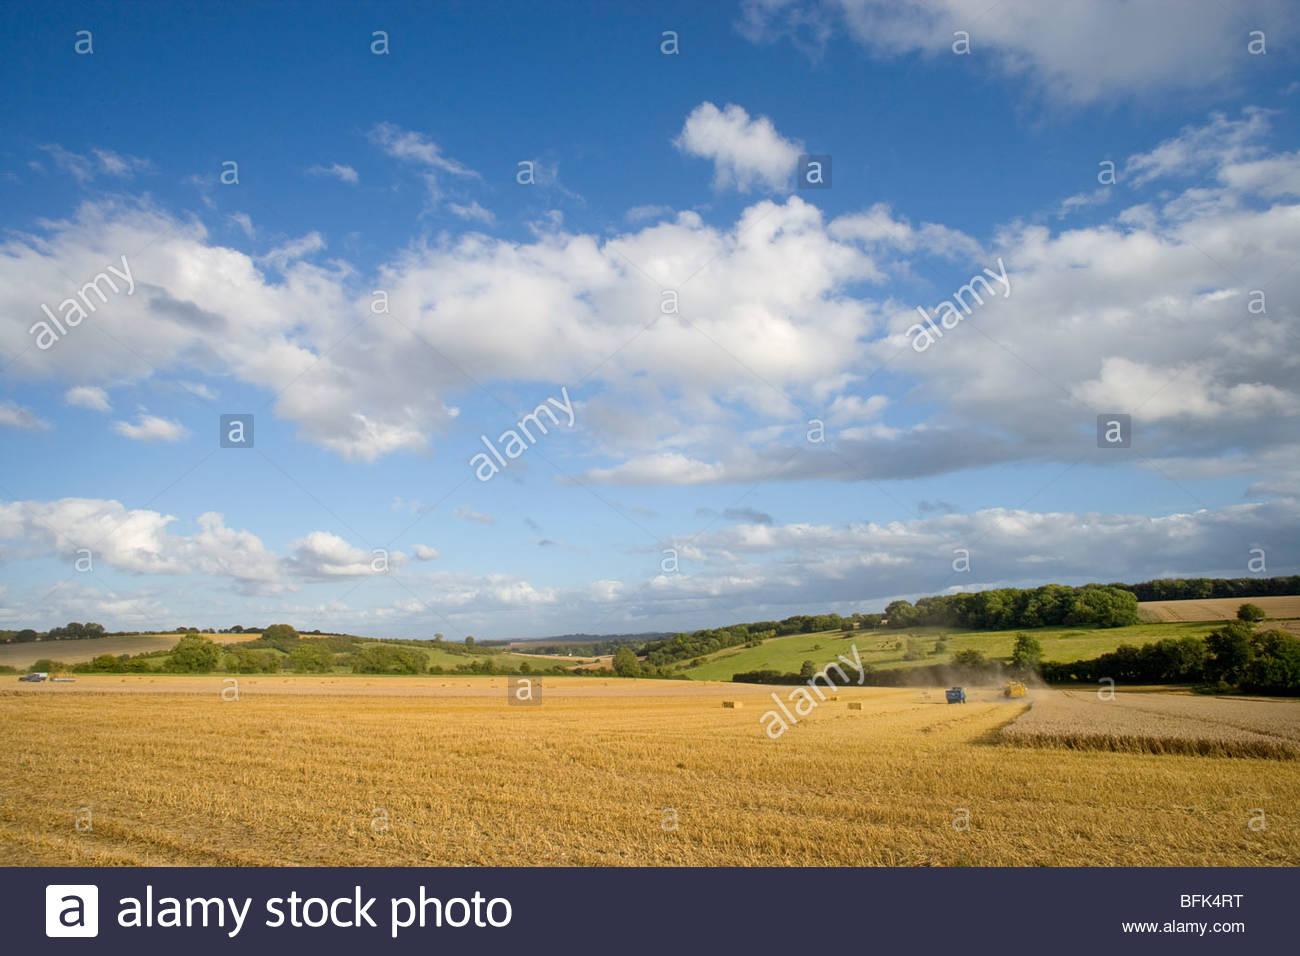 Nuages dans le ciel bleu ensoleillé au champ de blé à récolter Photo Stock